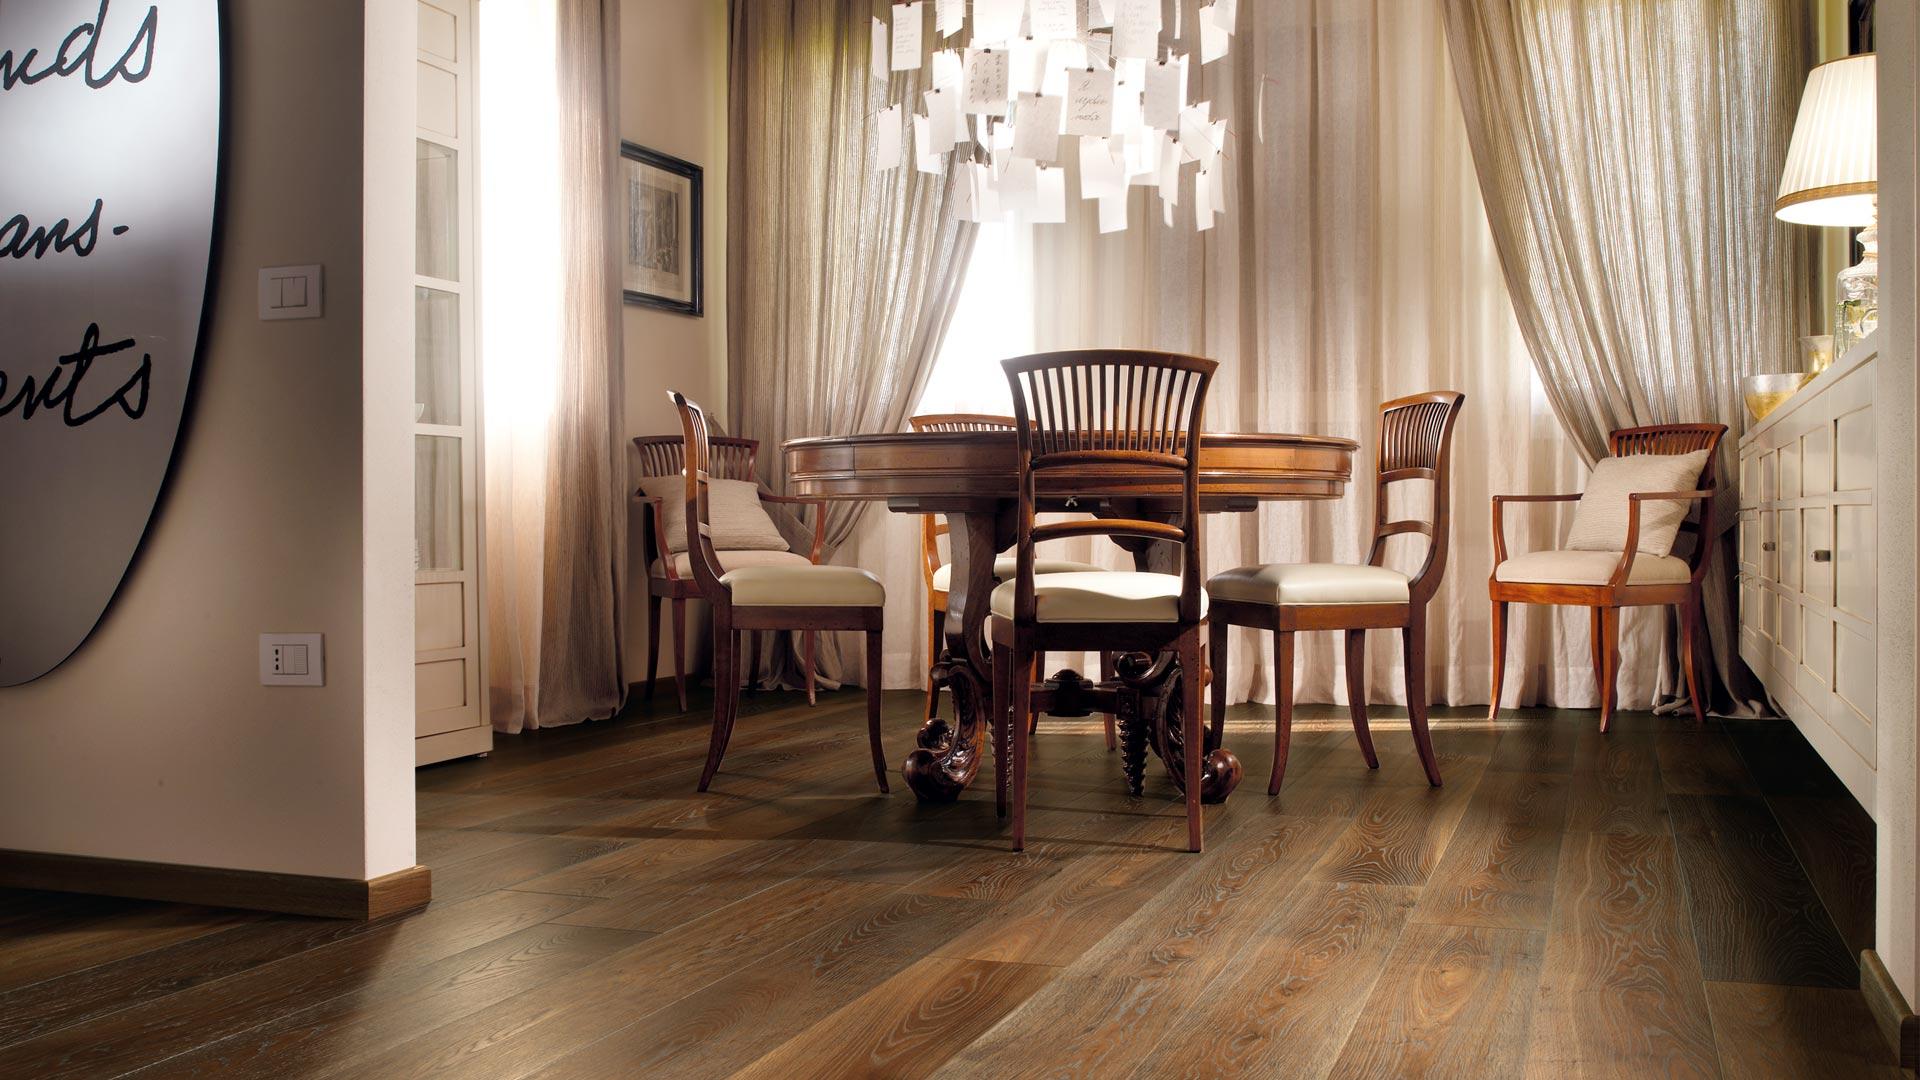 e0级地板品牌有哪些?e0级地板品牌材质是什么?